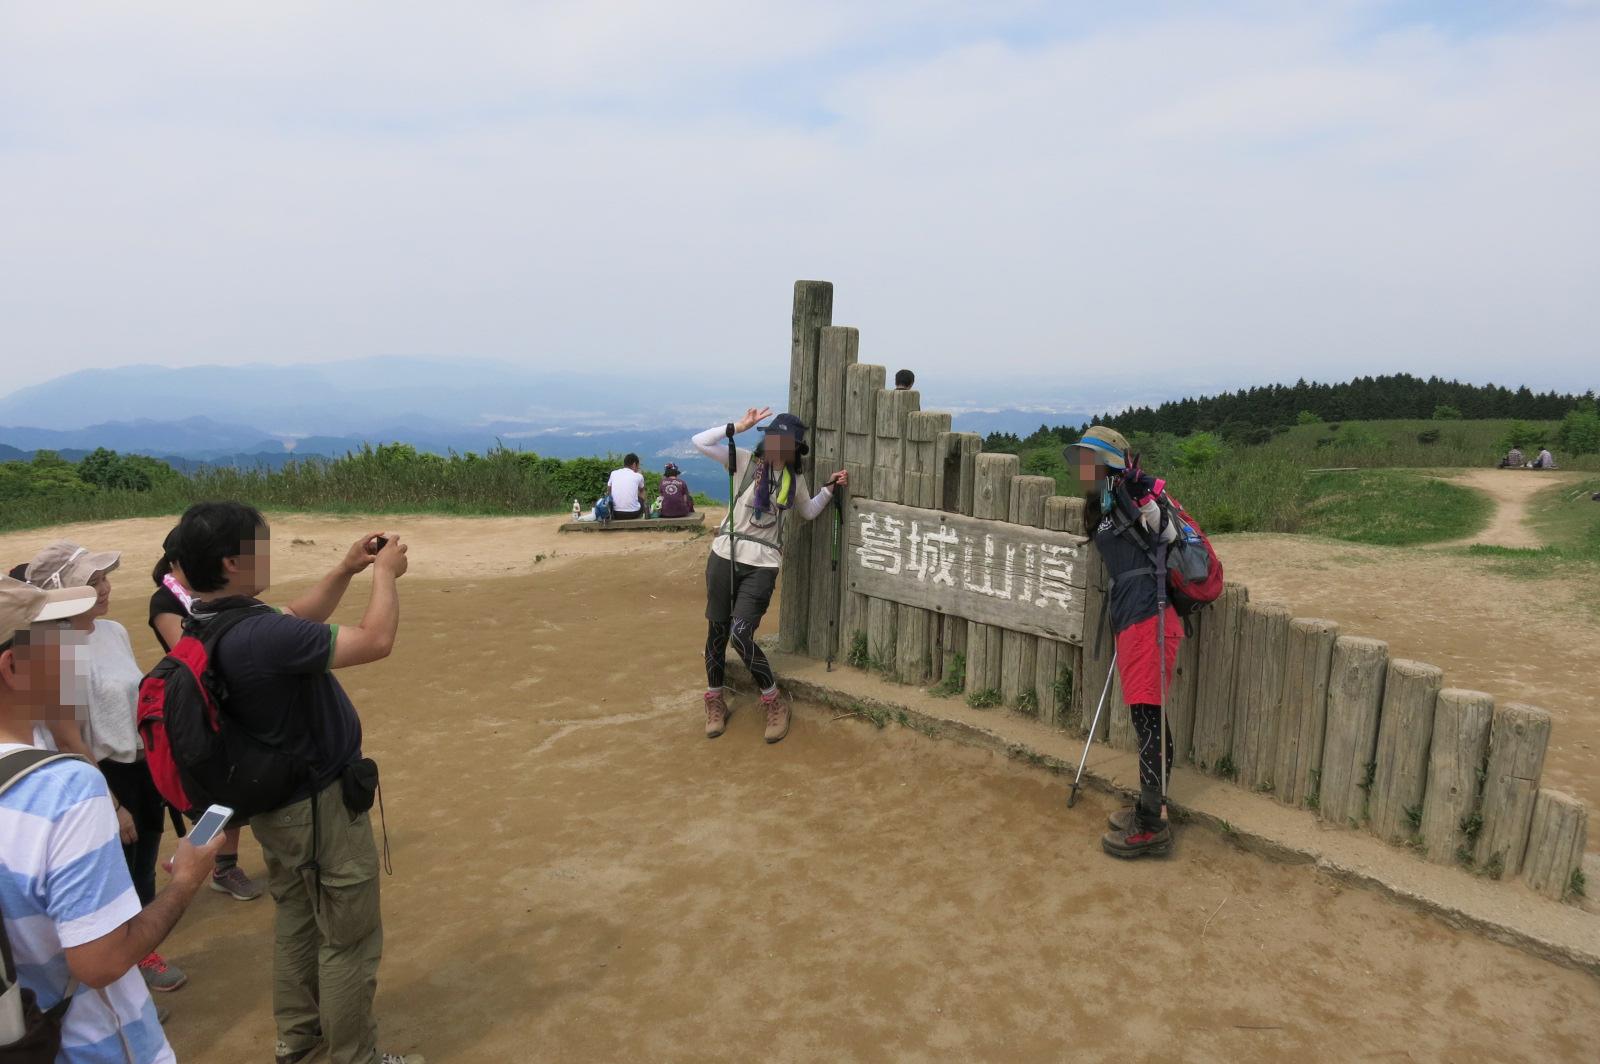 葛城山頂では、記念撮影の列が出来てました。大和三山や三輪山、国見山を望むことができます。